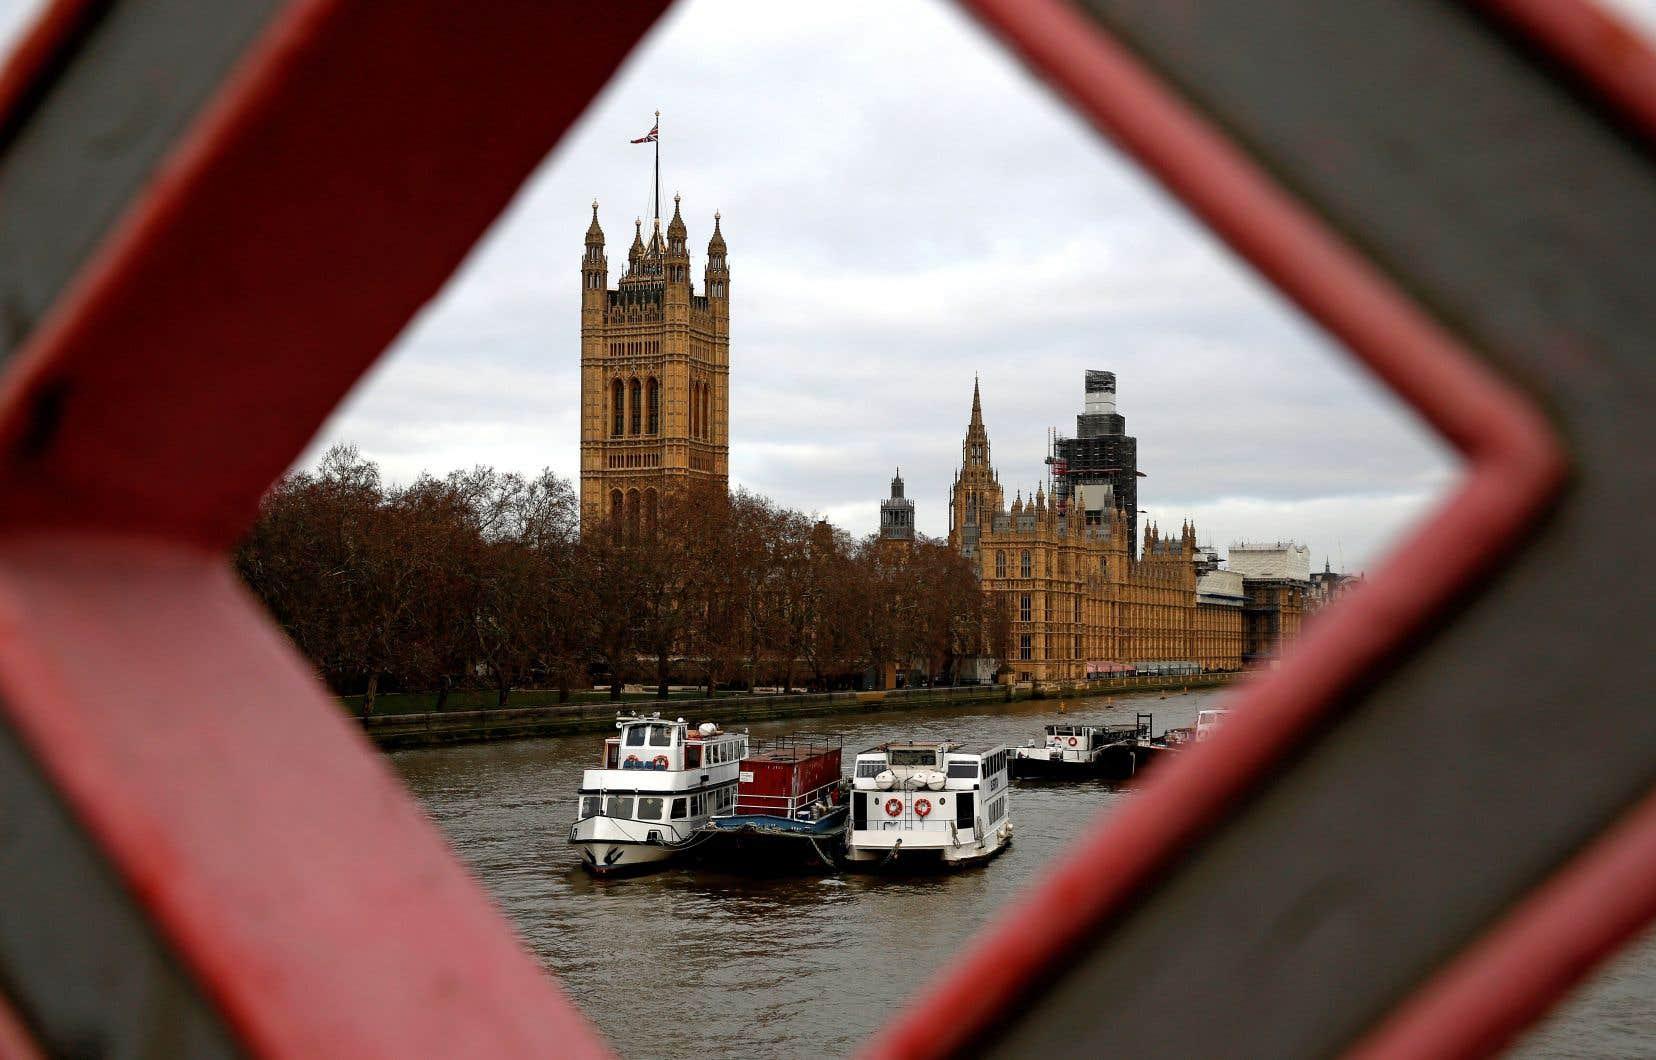 Le rejet par le Parlement britannique du plan initial d'accord sur le Brexit force les pays voisins à s'adapter sur les aspects économique, sécuritaire et même environnemental.